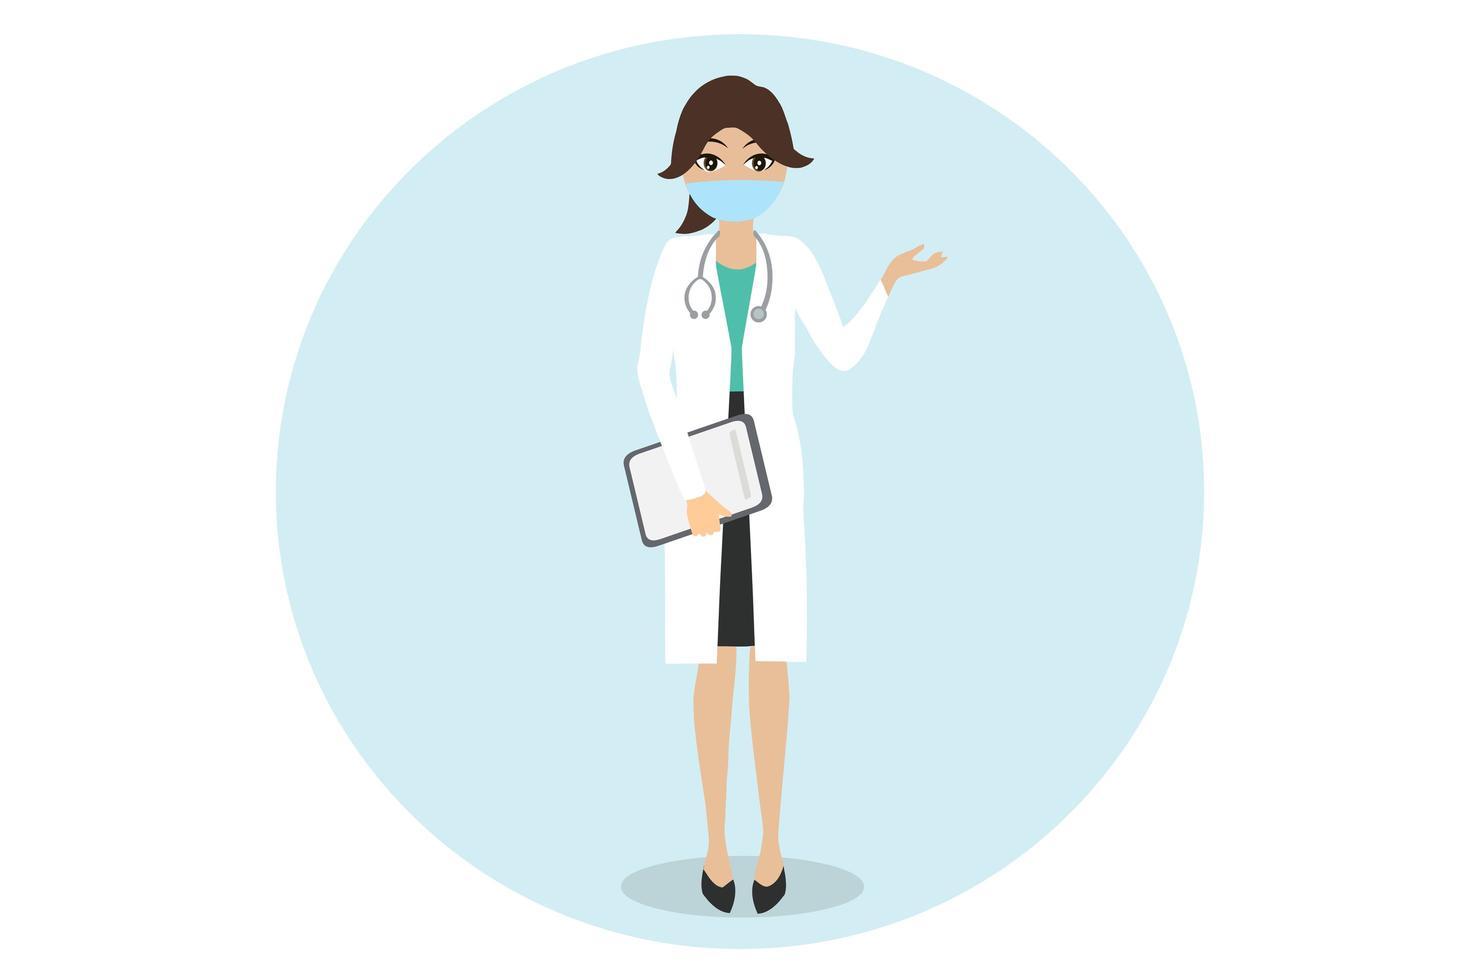 médico usando máscara para cronavírus vetor